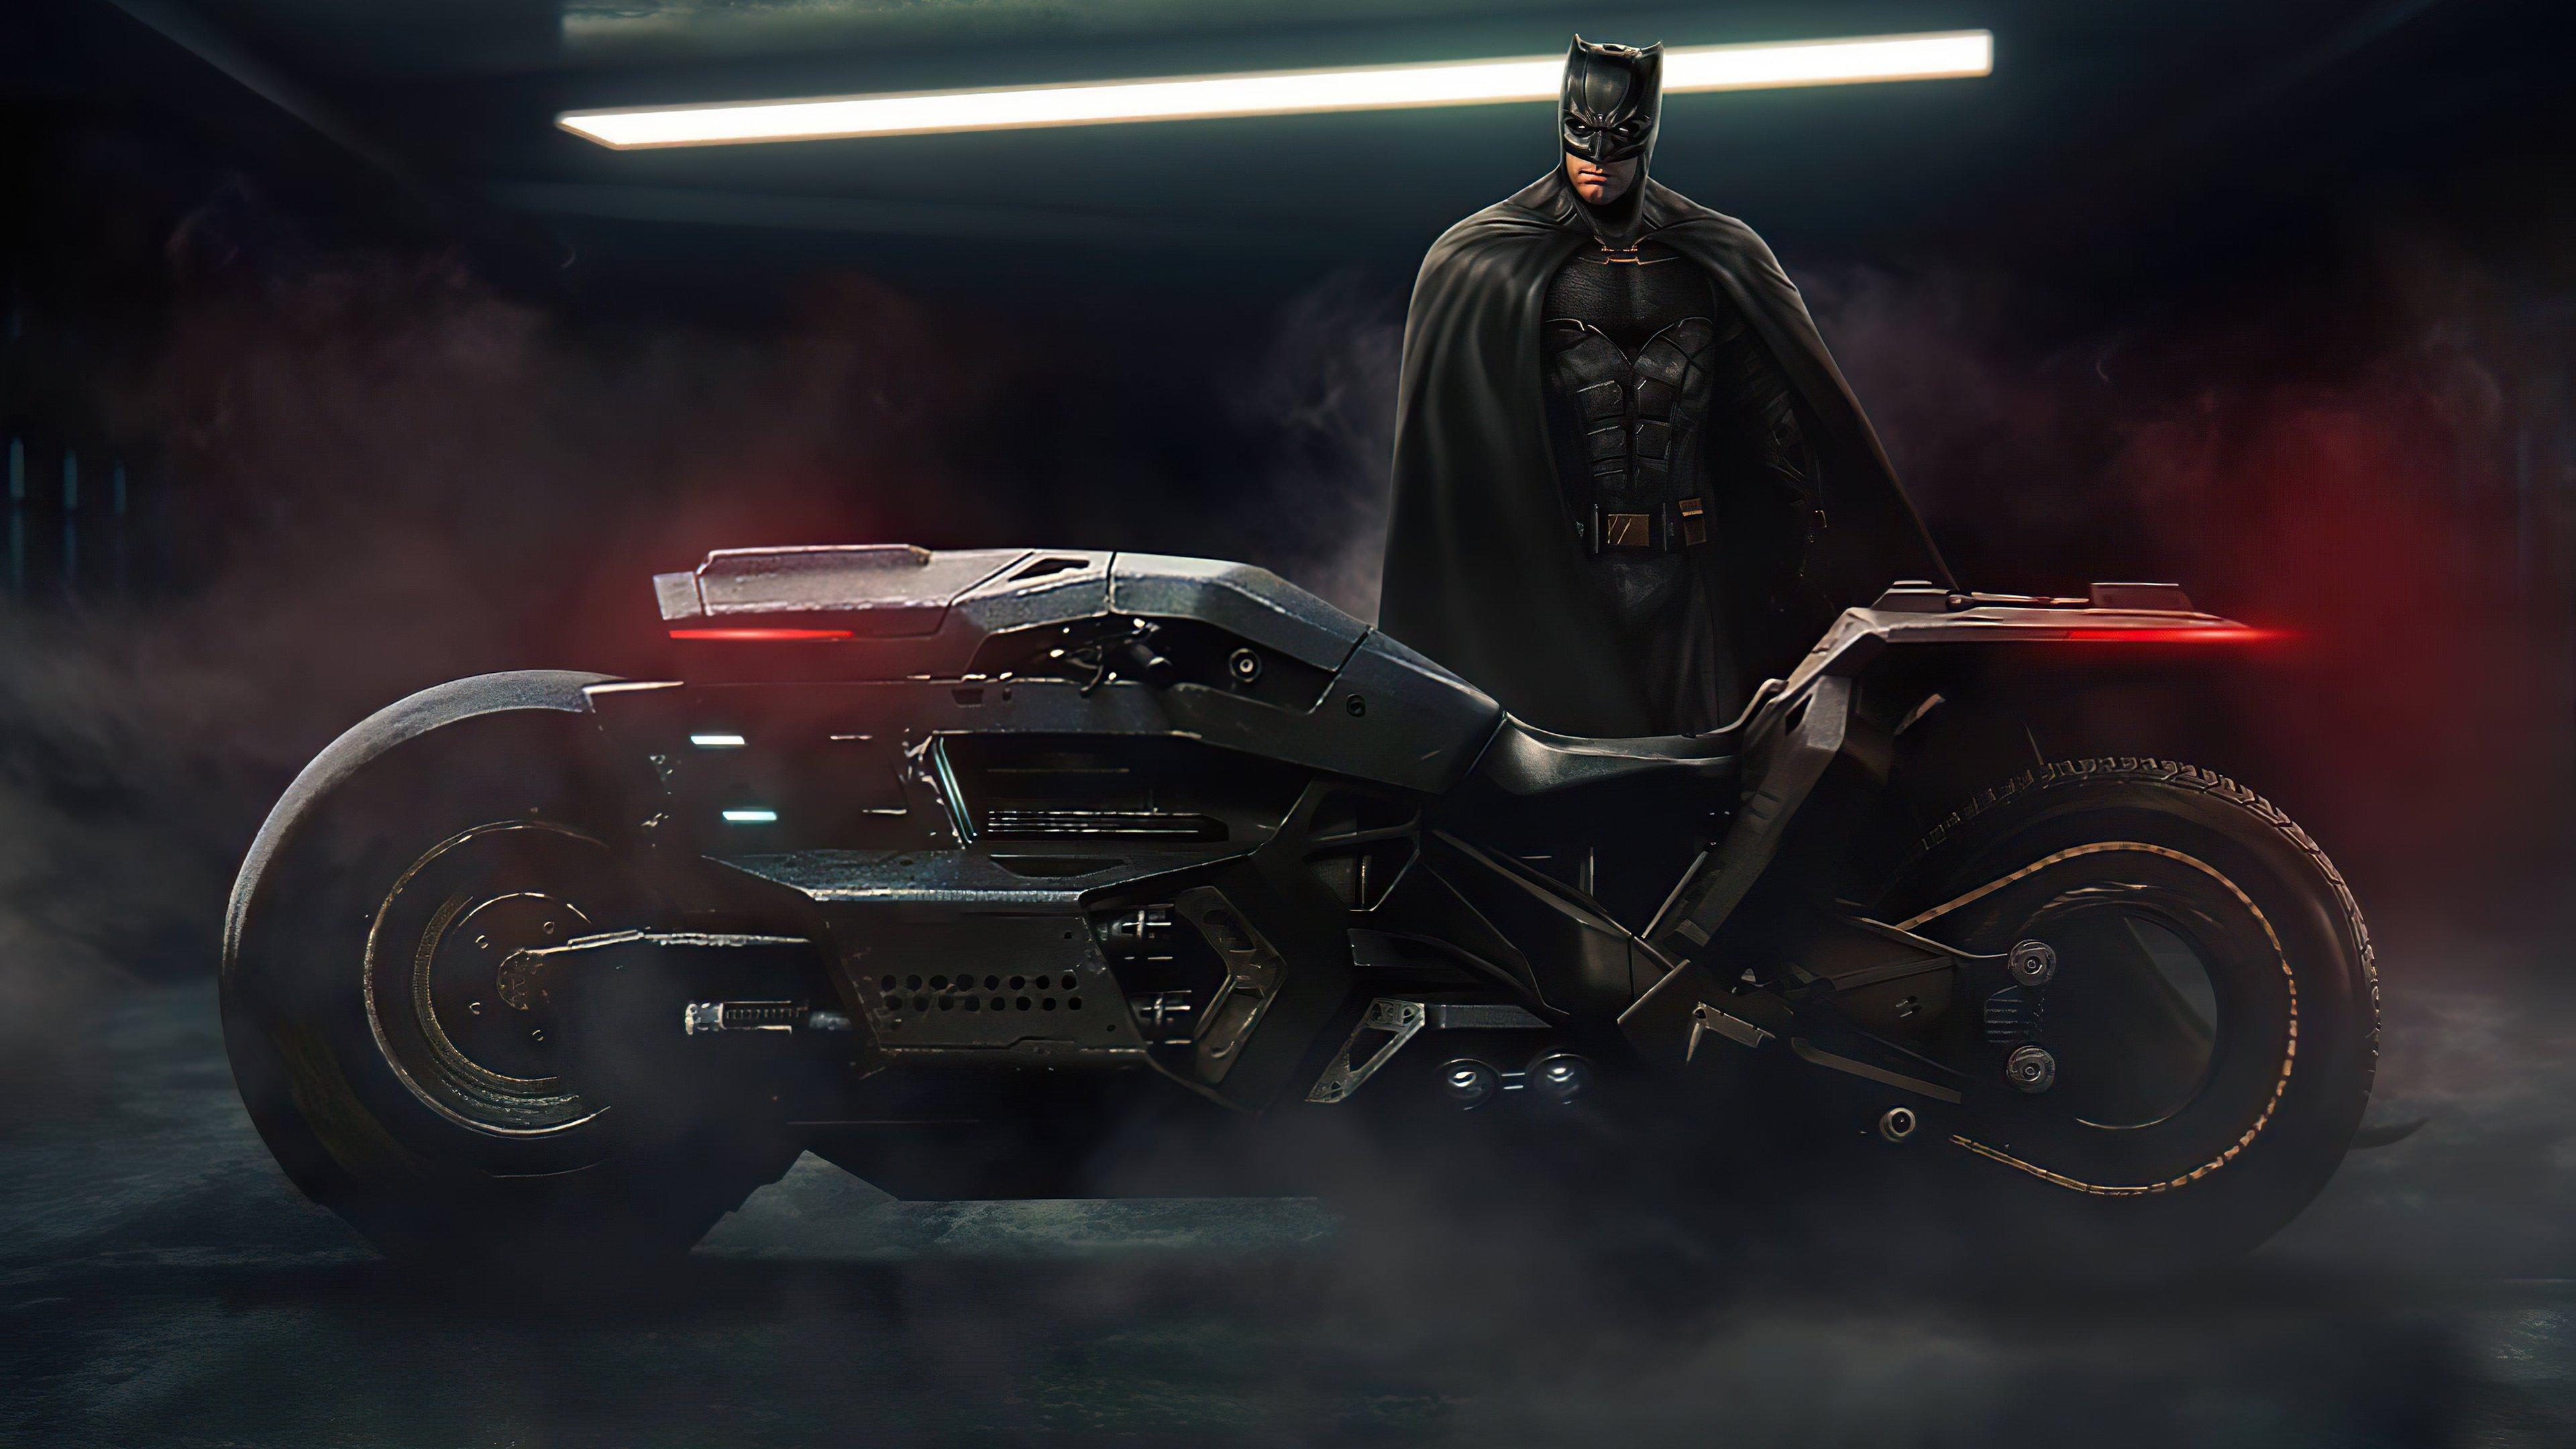 Wallpaper Batman in the shadows